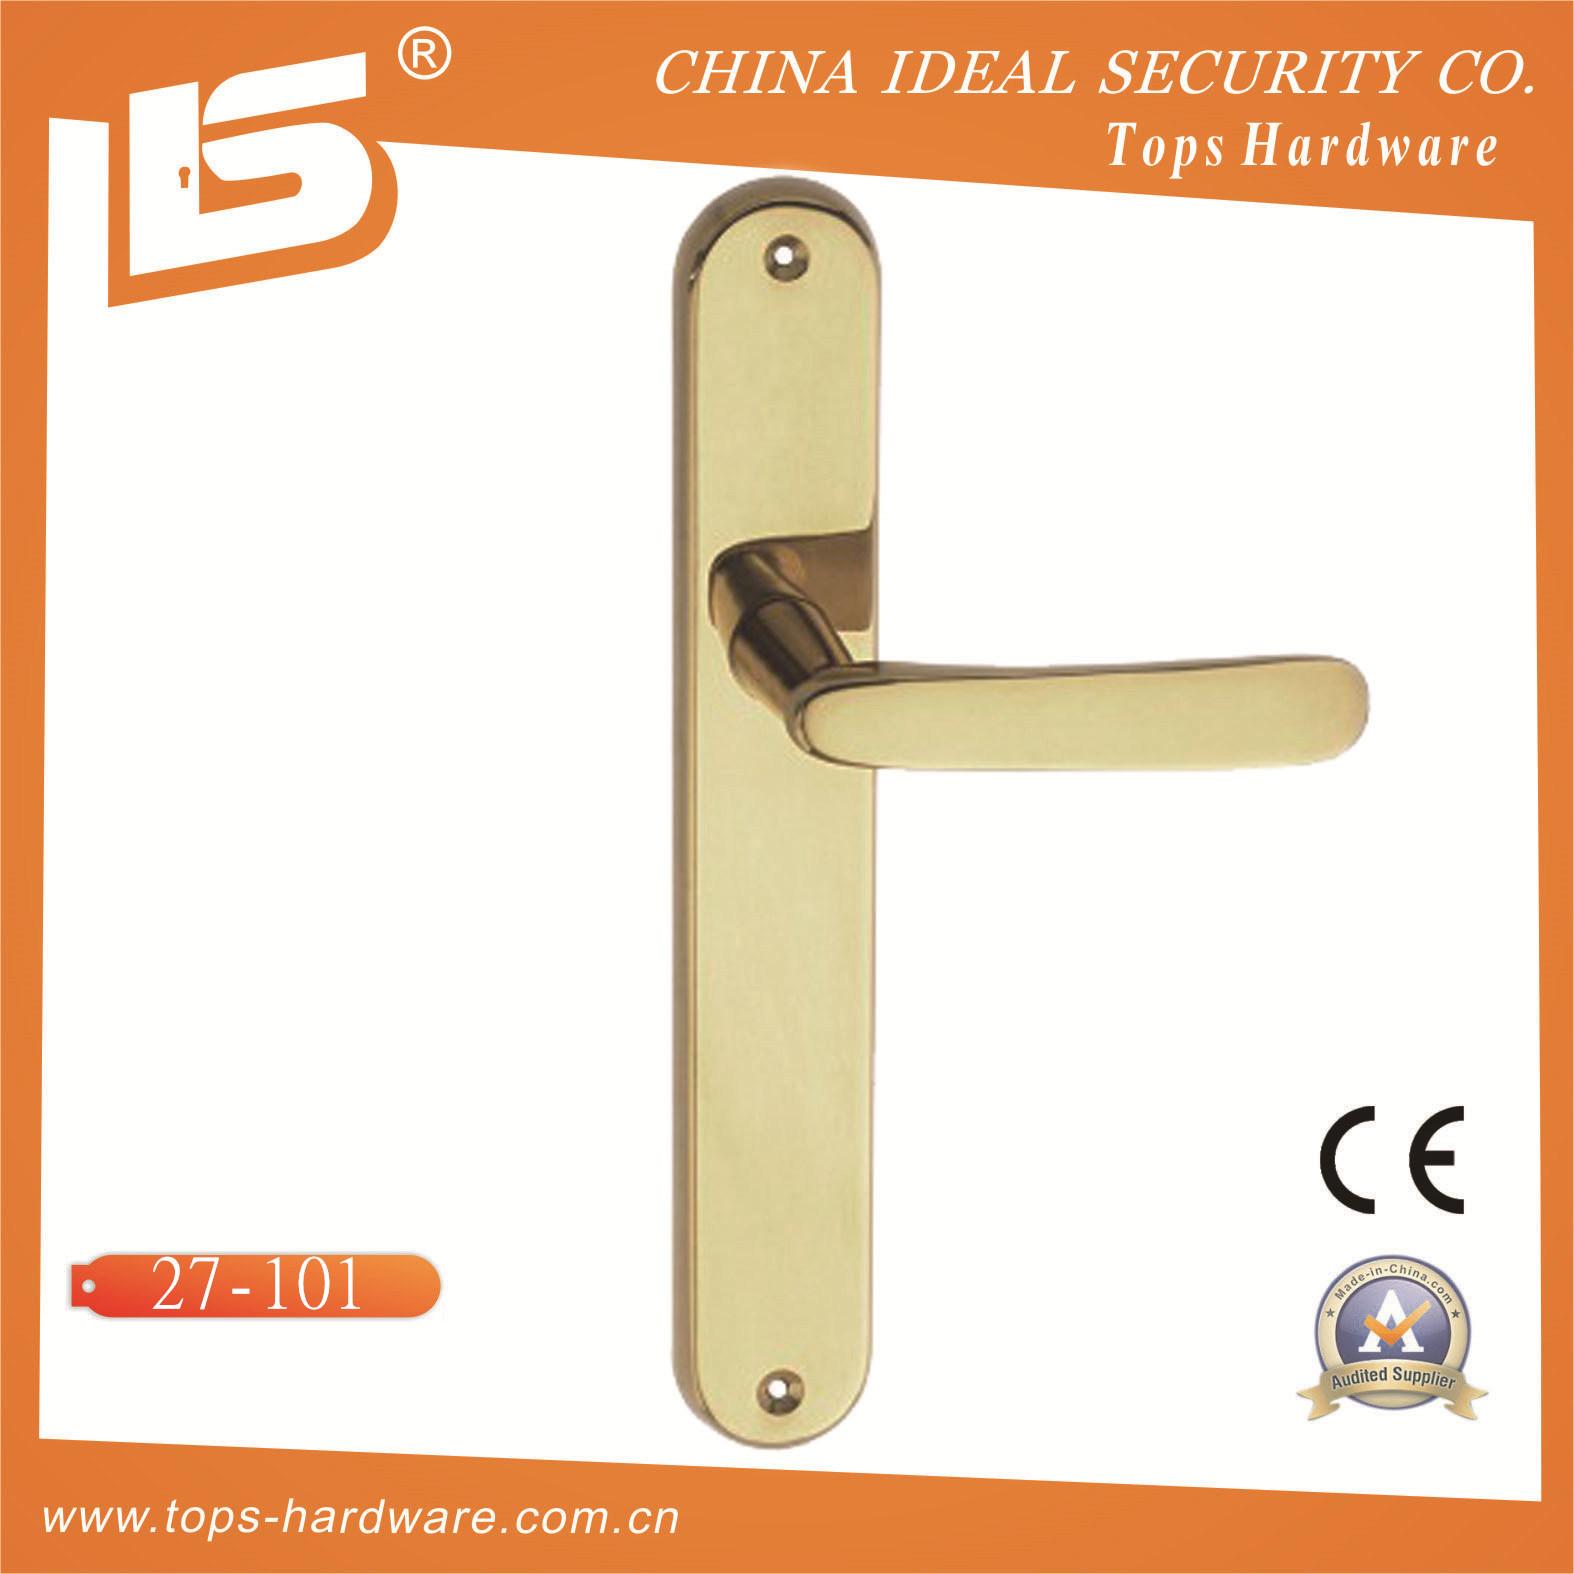 High Quality Brass Door Lock Handle-27101